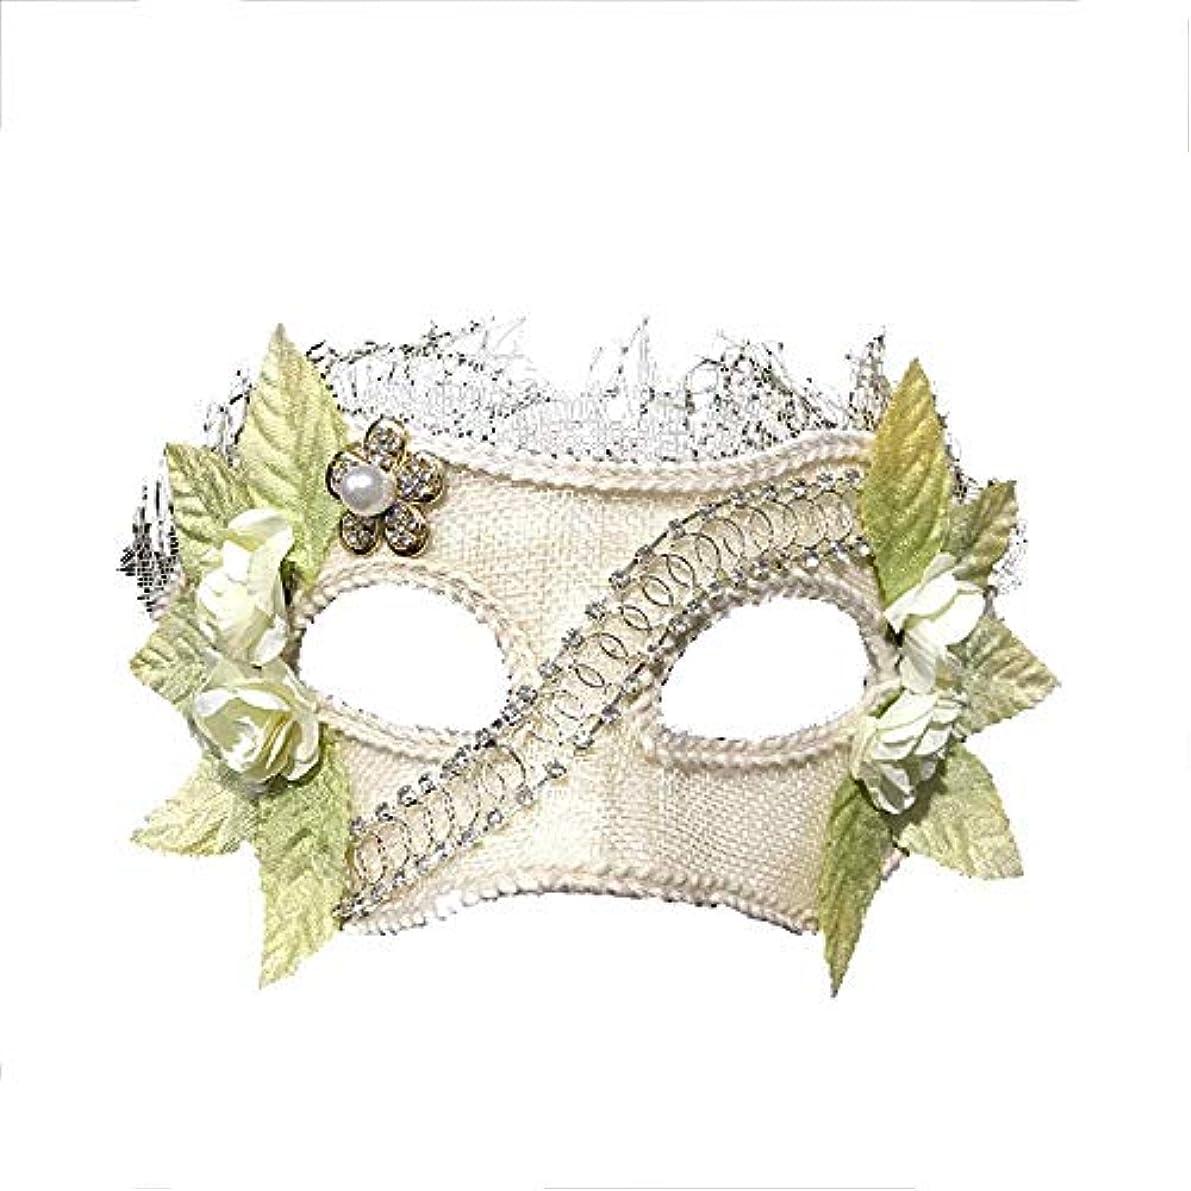 見る人ぞっとするようなアーチNanle ハロウィンクリスマスフラワーフェザービーズマスク仮装マスクレディミスプリンセス美容祭パーティーデコレーションマスク (色 : Style A)